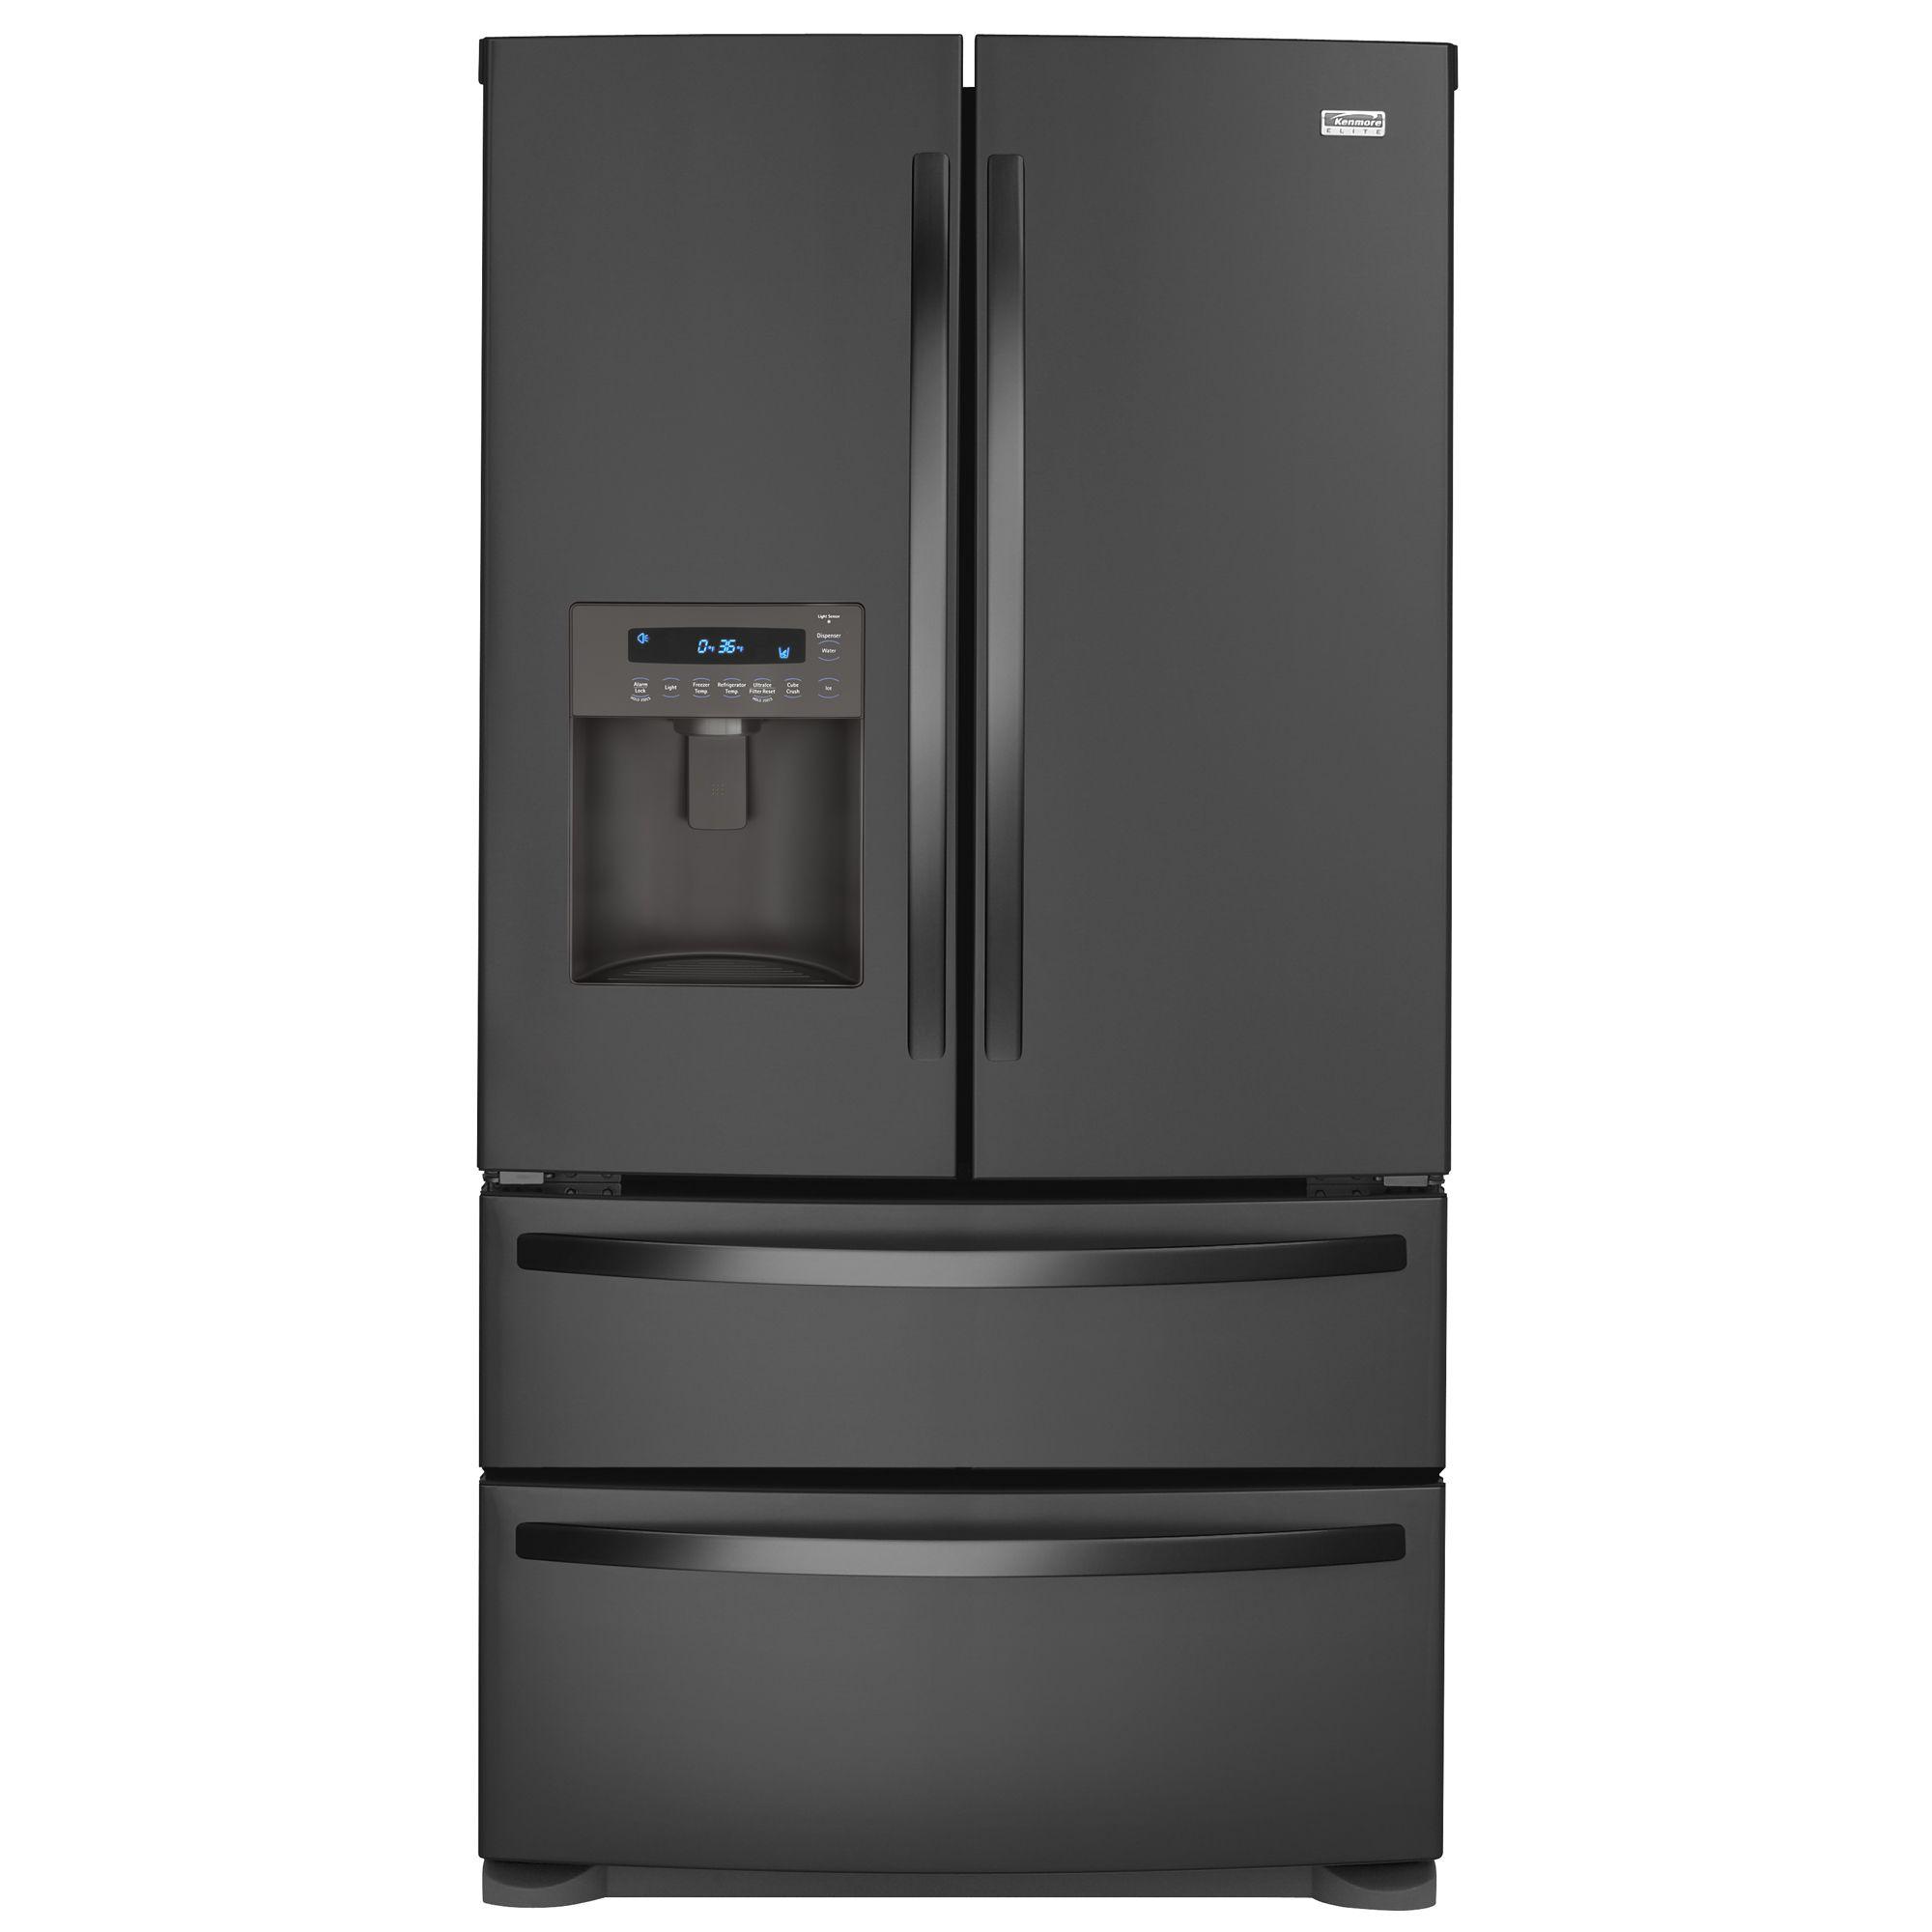 Kenmore Elite 27.5 Cu. Ft. French-door Bottom Freezer Refrigerator 7977 - Appliances